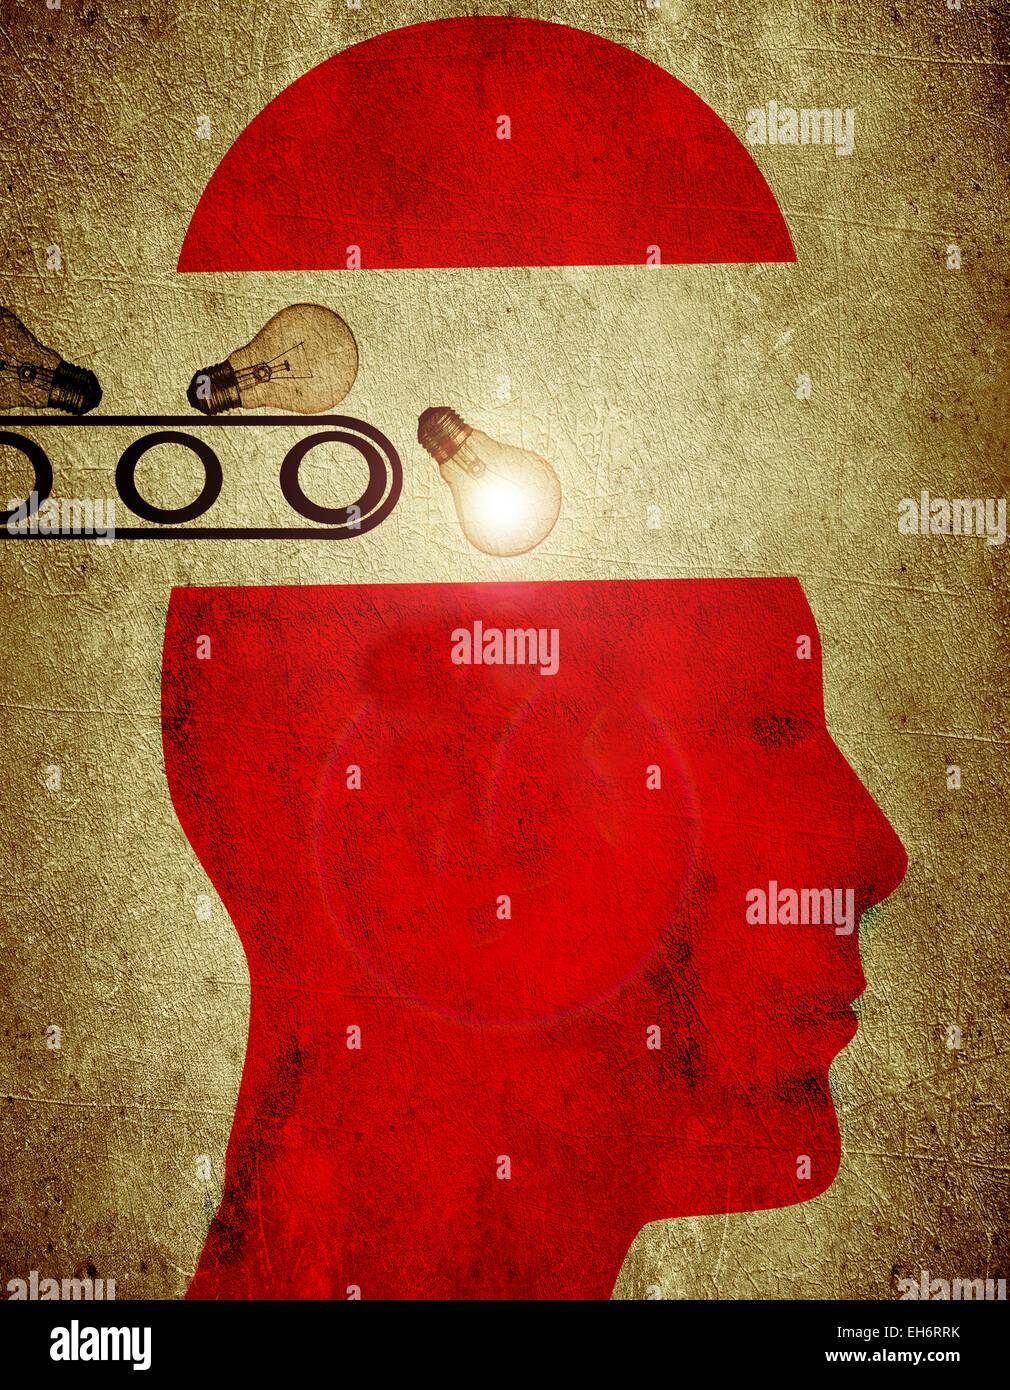 Silueta roja con bulbo creatividad concepto de fábrica ilustración digital Imagen De Stock